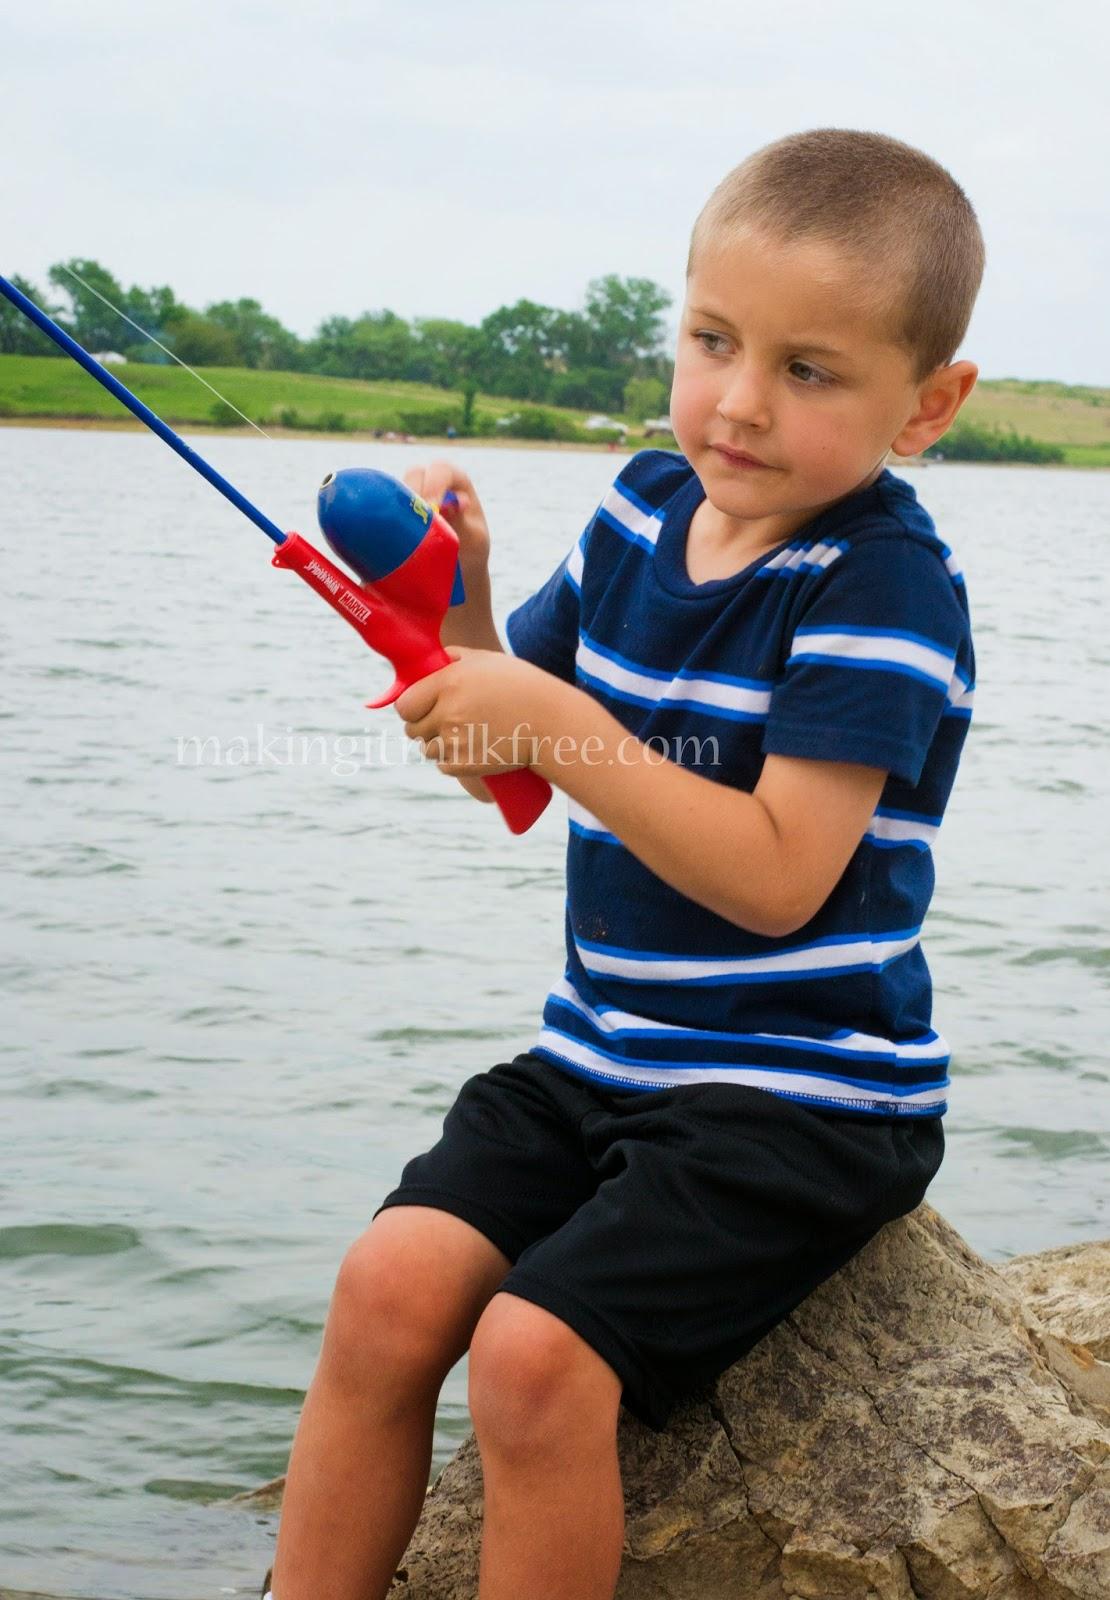 #camping #fishing #vacation #kids #kansas #lake